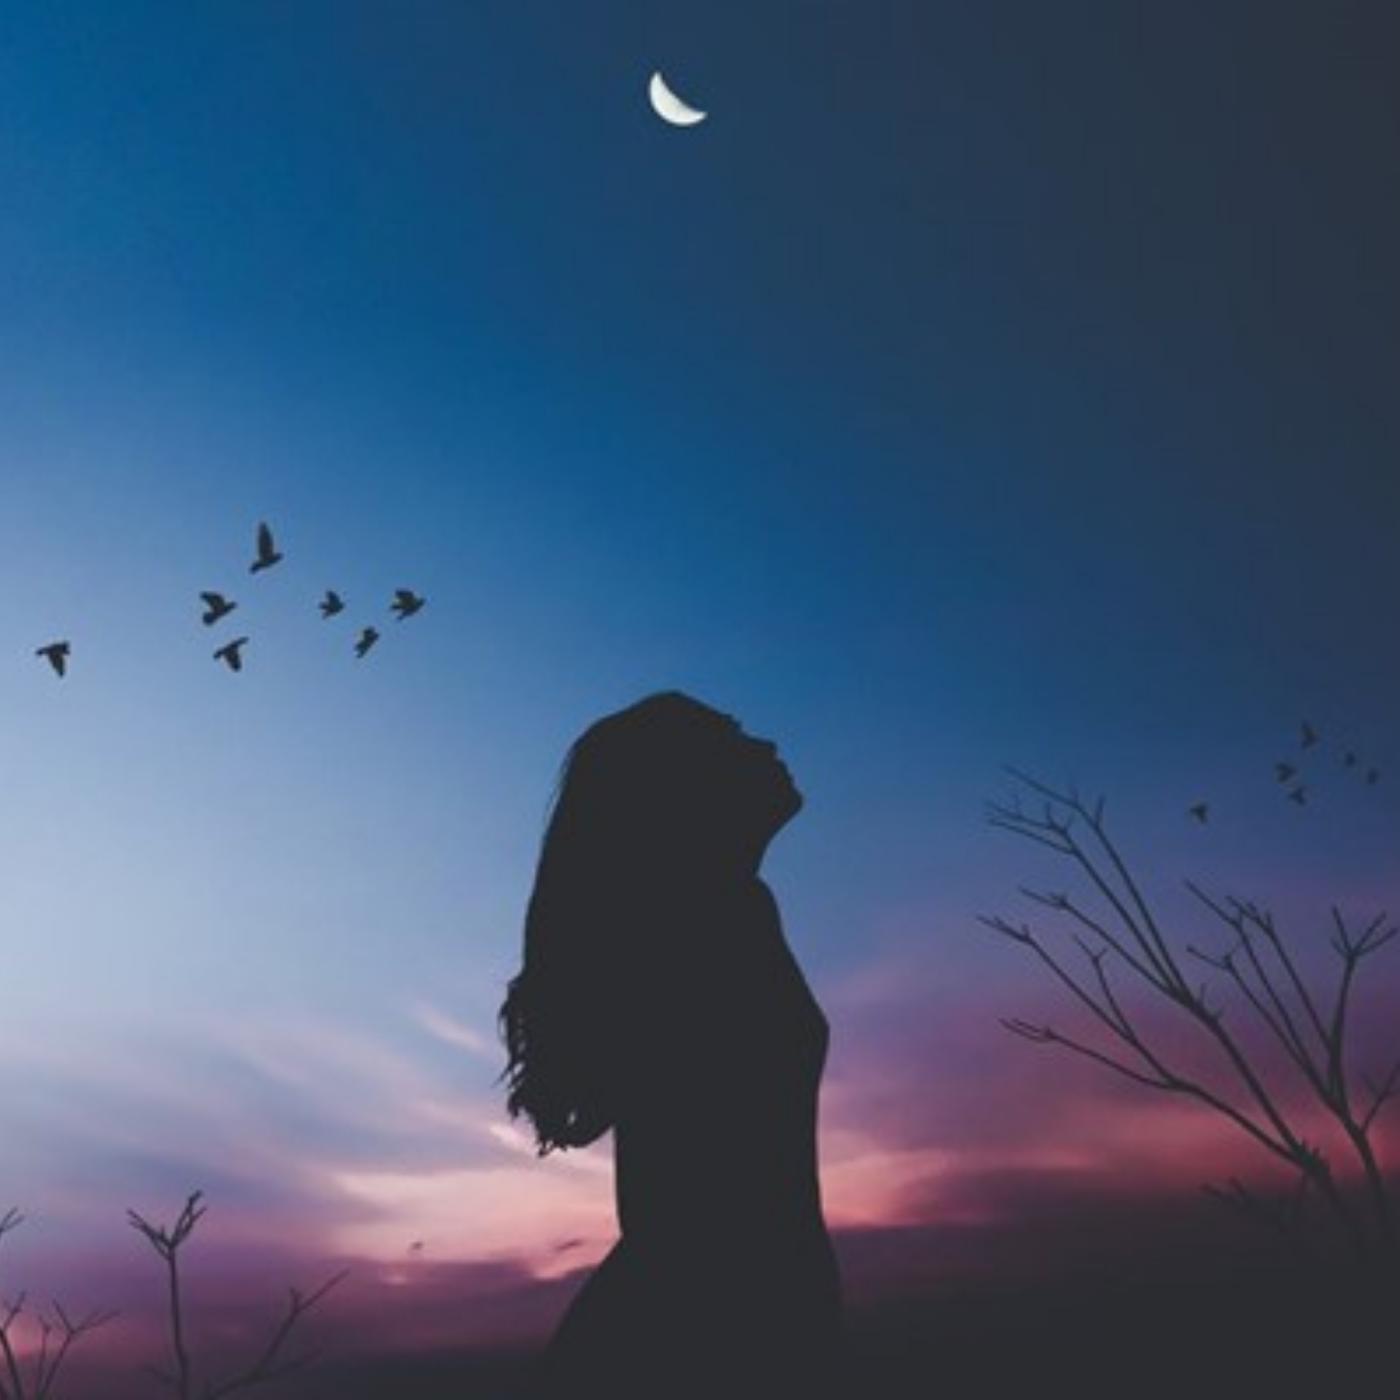 社交恐惧症自卑和内向的心理调节